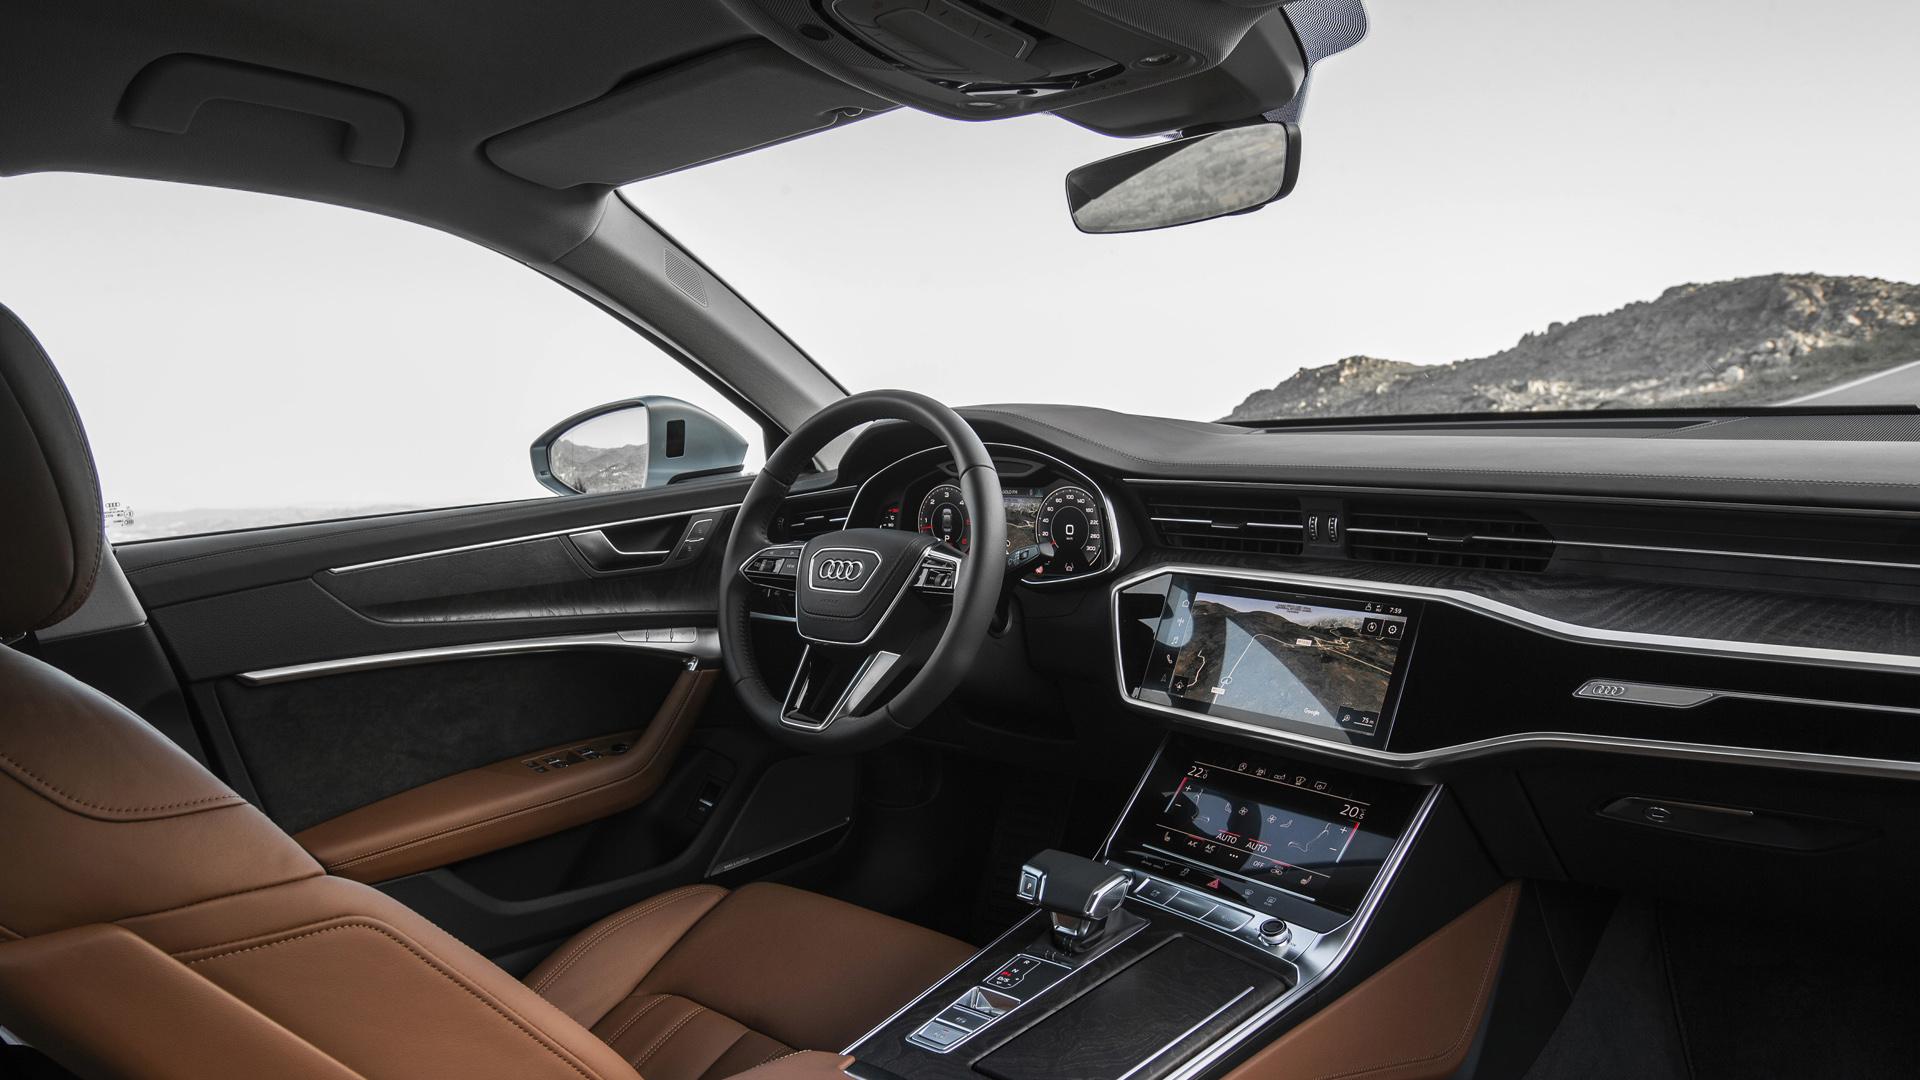 Audi A6 40 TFSI